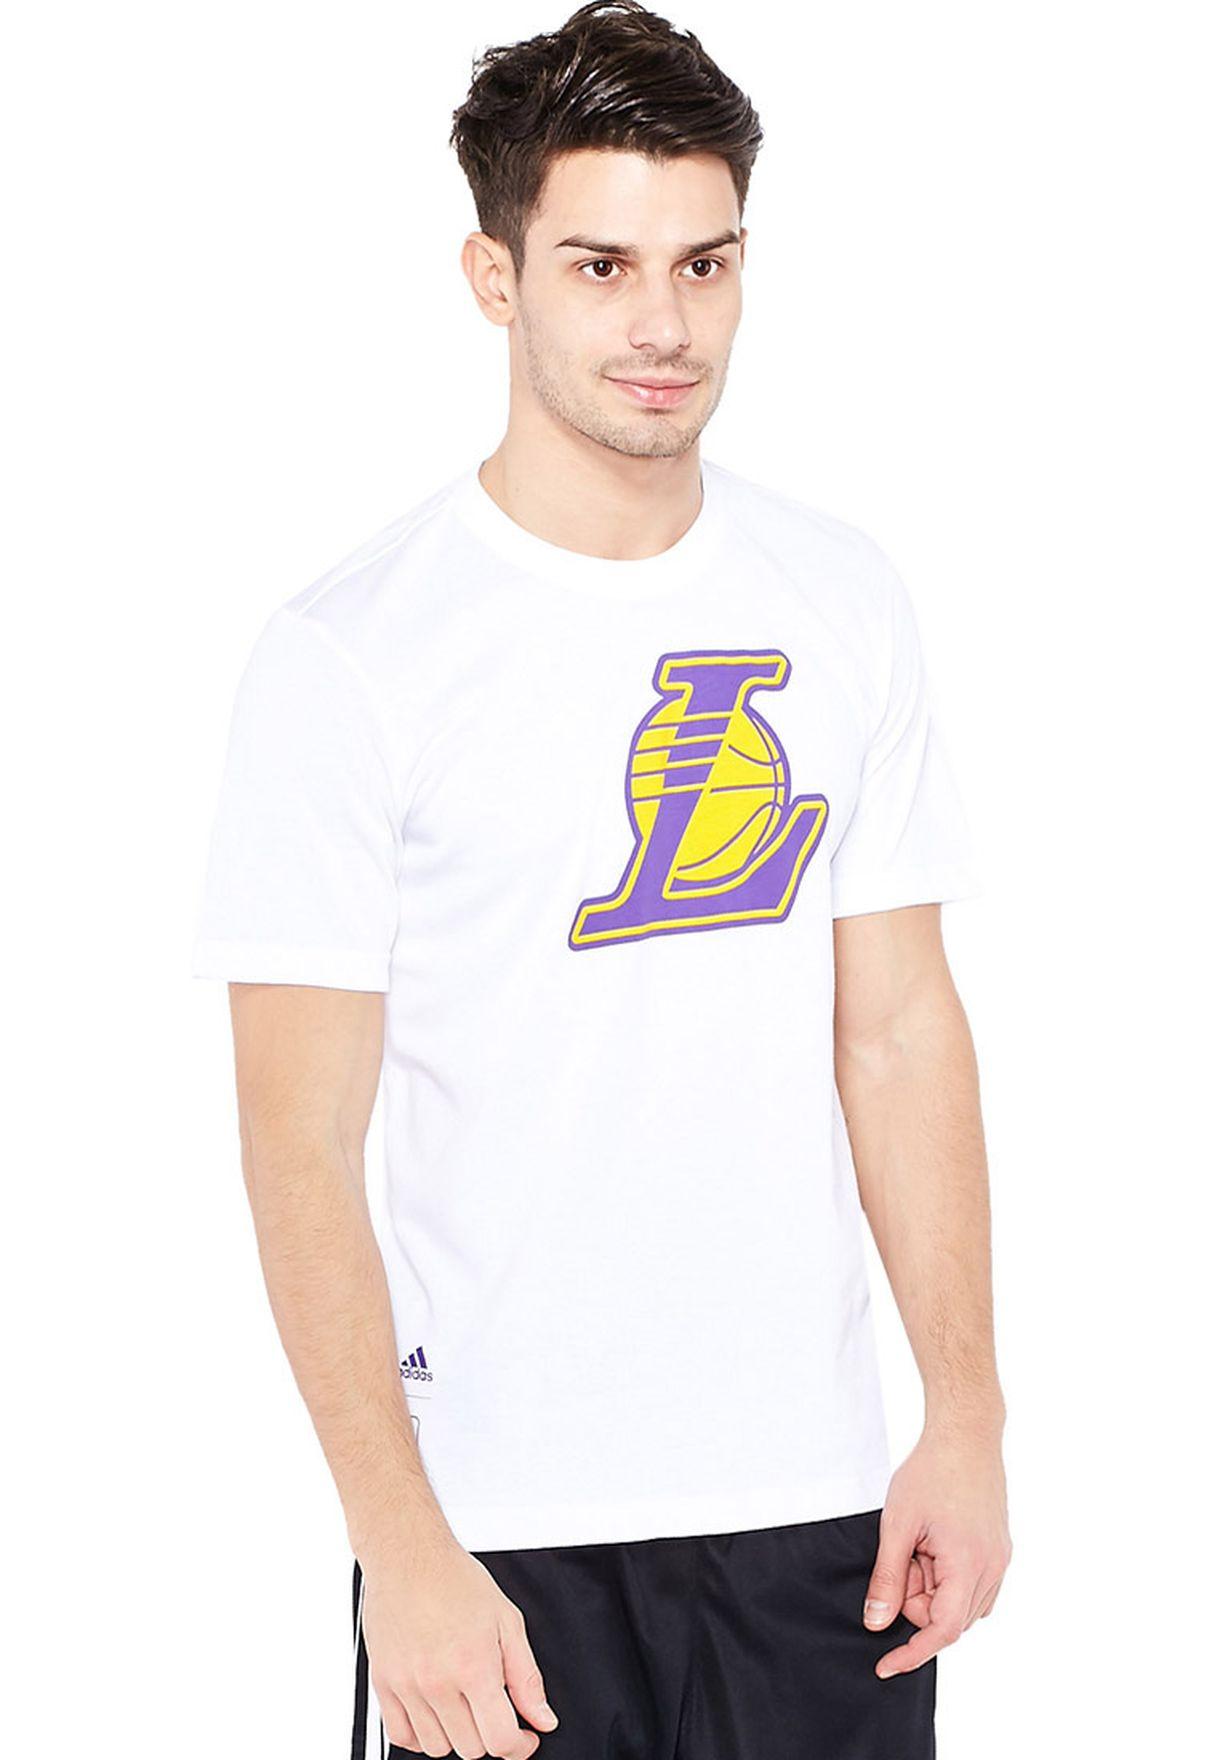 Ad476at98imb اشتري اديداس أبيض تيشيرت بشعار لوس انجلوس ليكرز لل